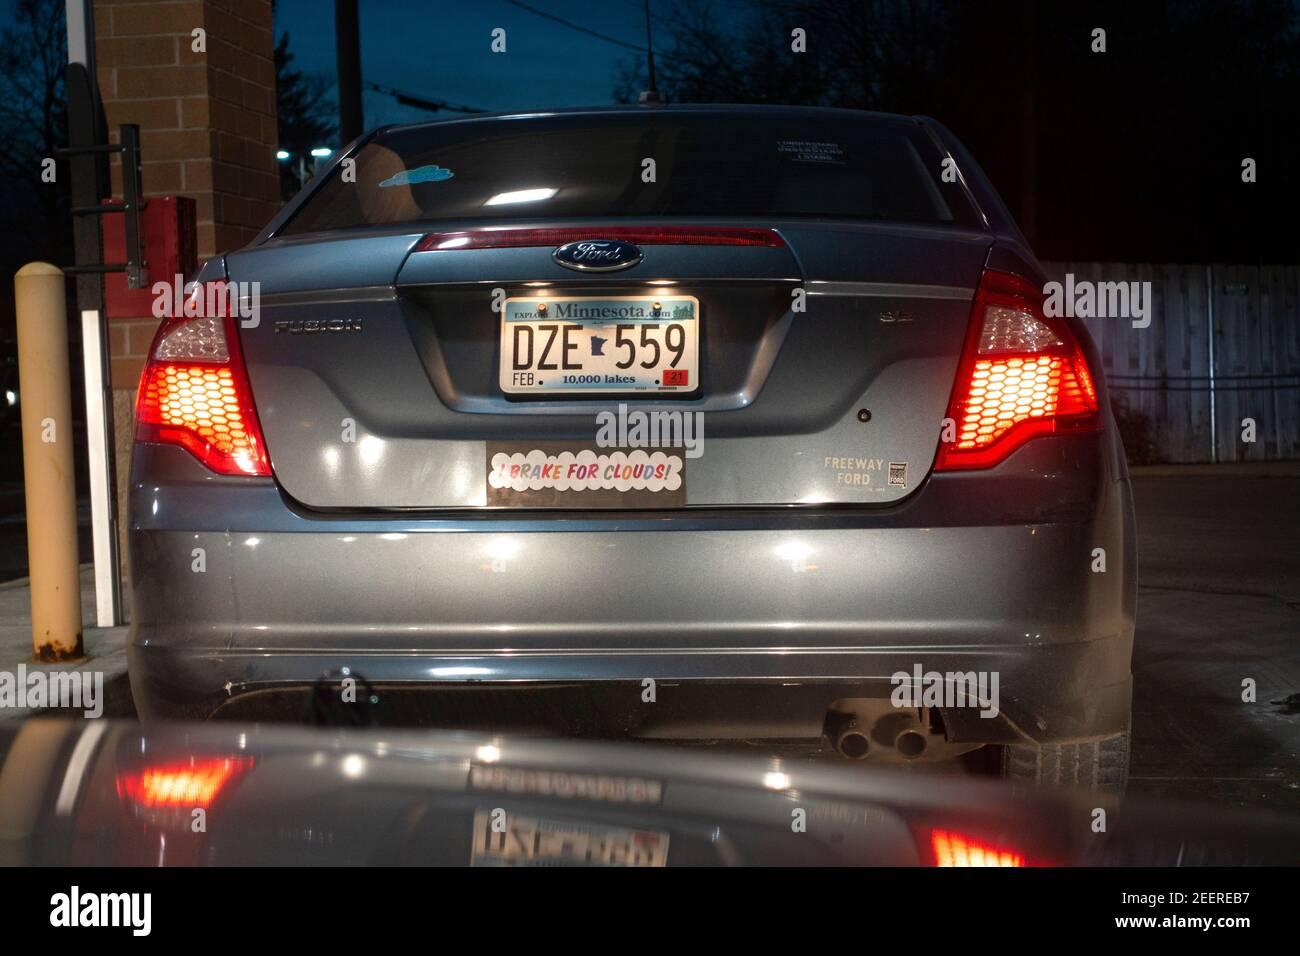 """Firma en el adhesivo del parachoques del coche diciendo """"I Brake for Clouds"""". St Paul Minnesota MN EE.UU Foto de stock"""